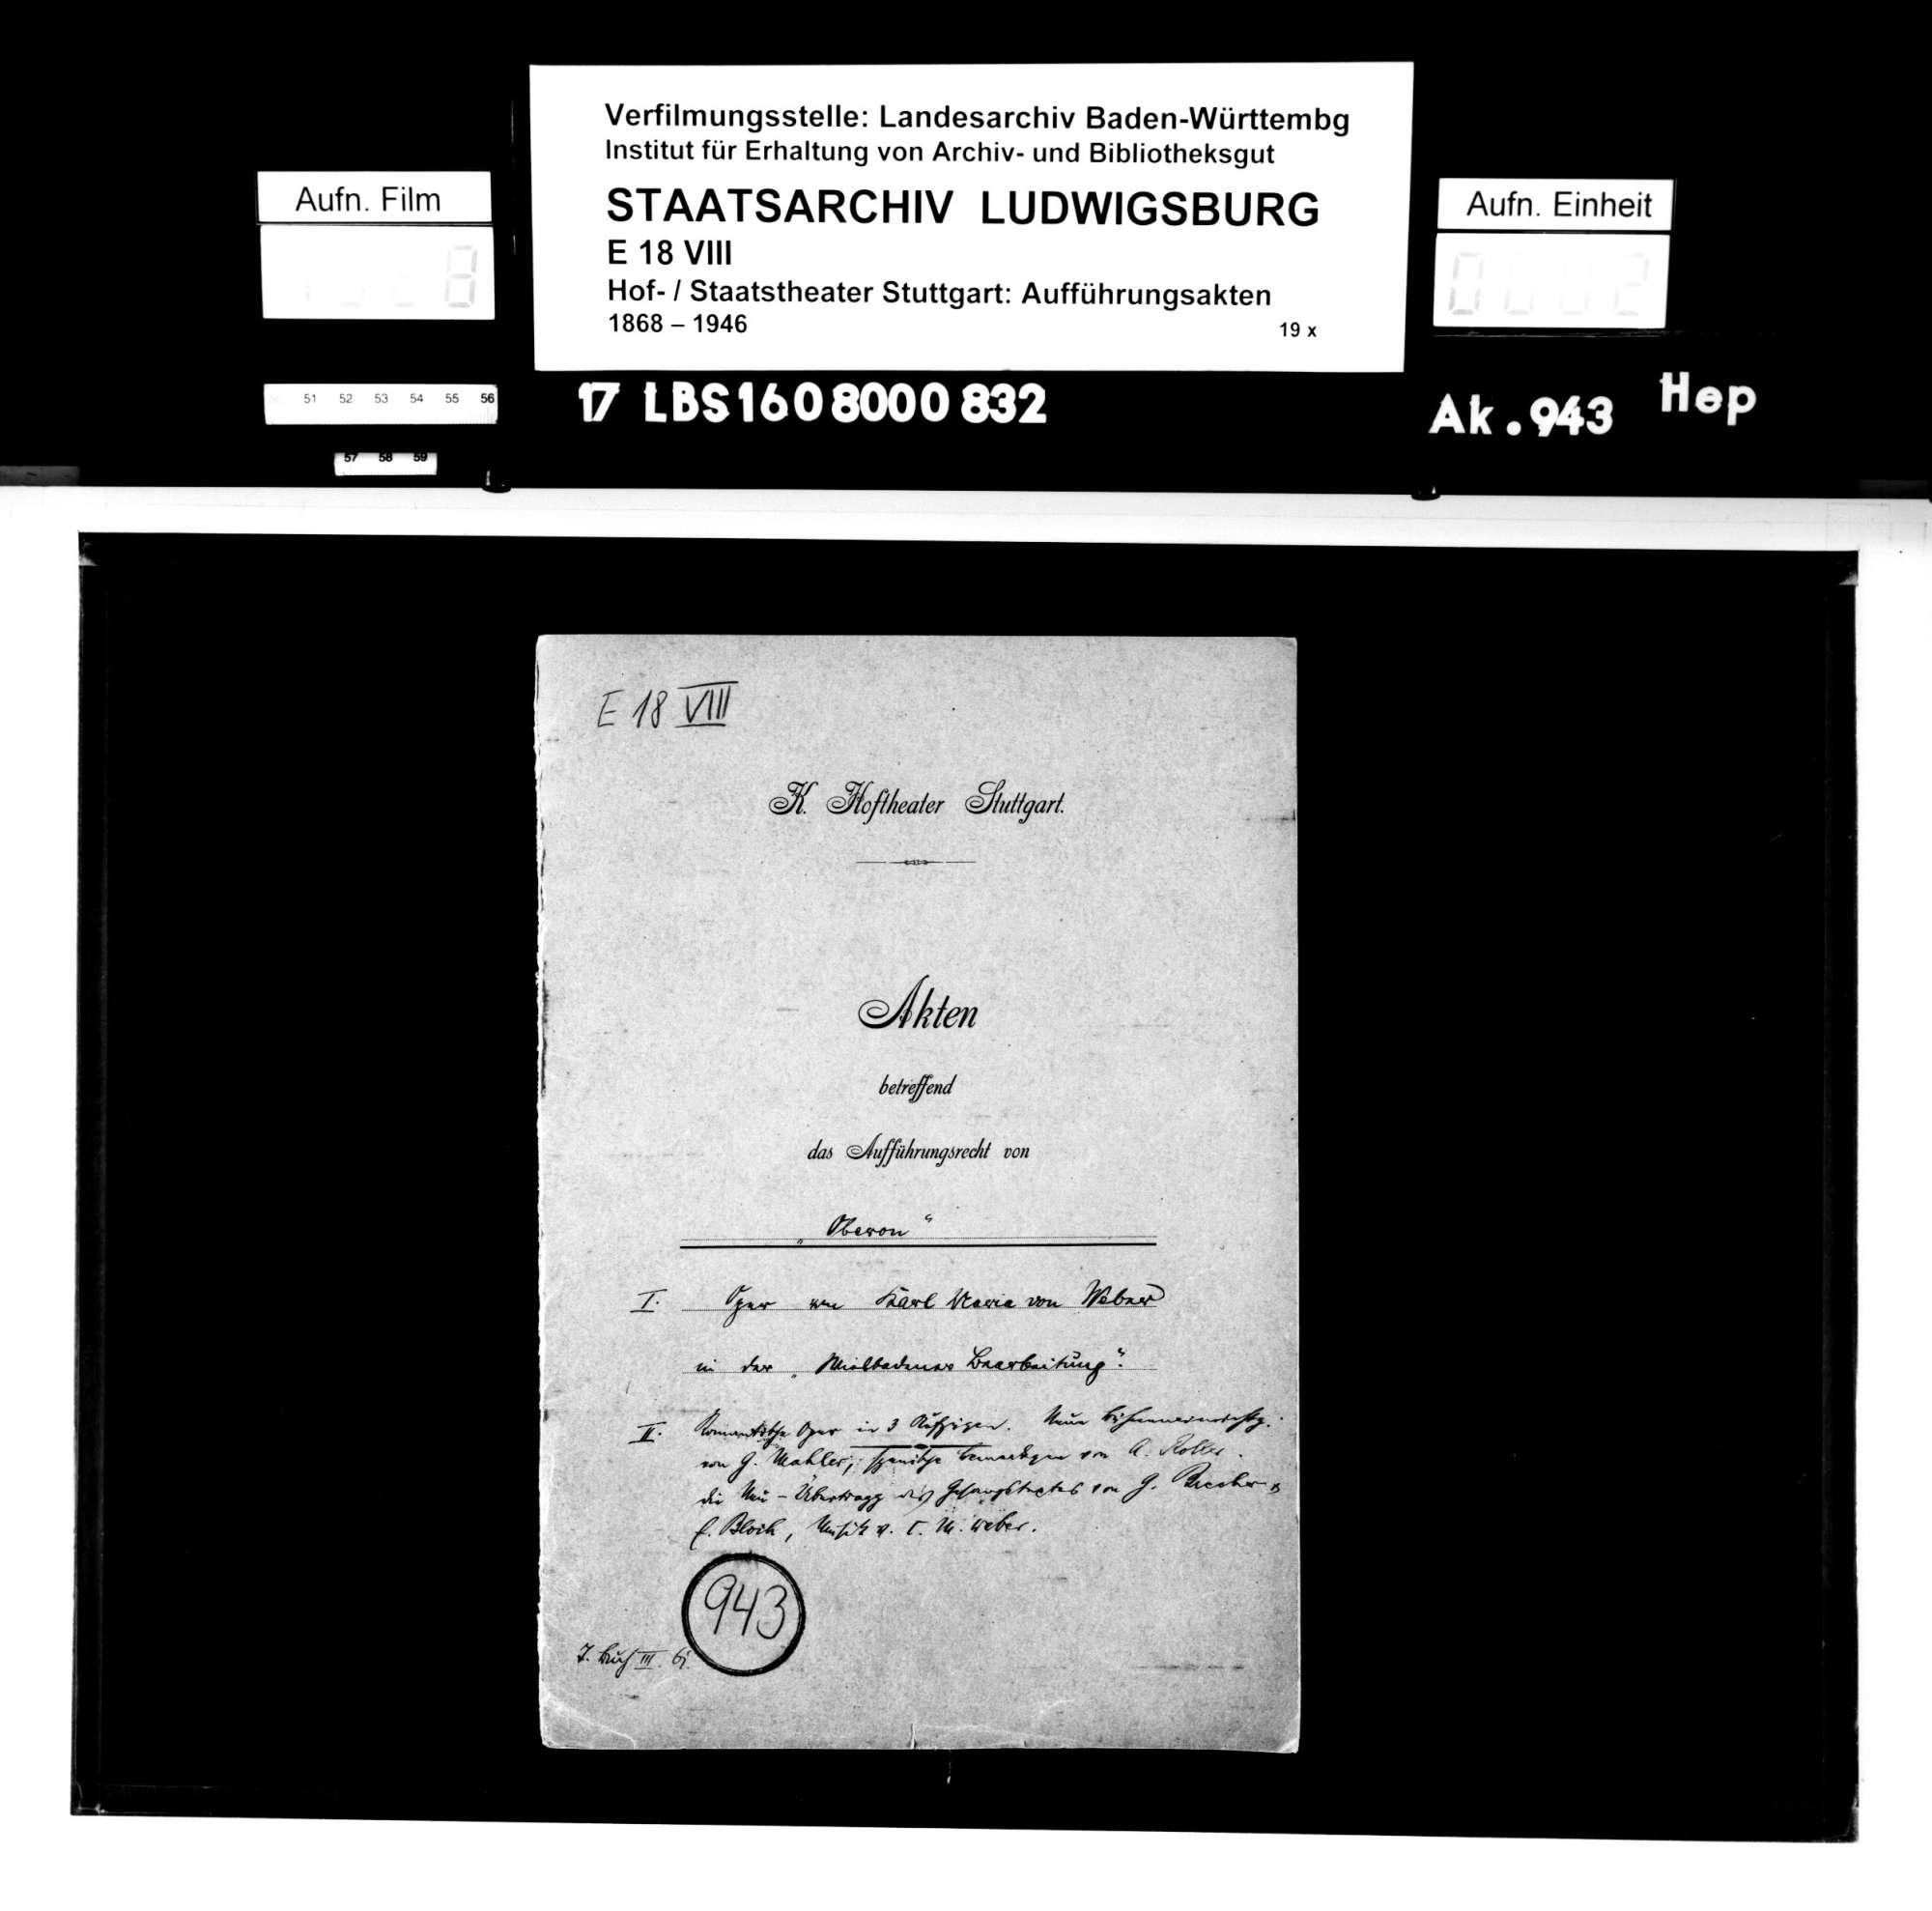 Oberon. Romantische Oper von Carl Maria von Weber; bearbeitet von Gustav Mahler. Szenische Bemerkungen von Alfred Roller. Neu-Übertragung von Gustav Brecher und E. Bloch., Bild 1